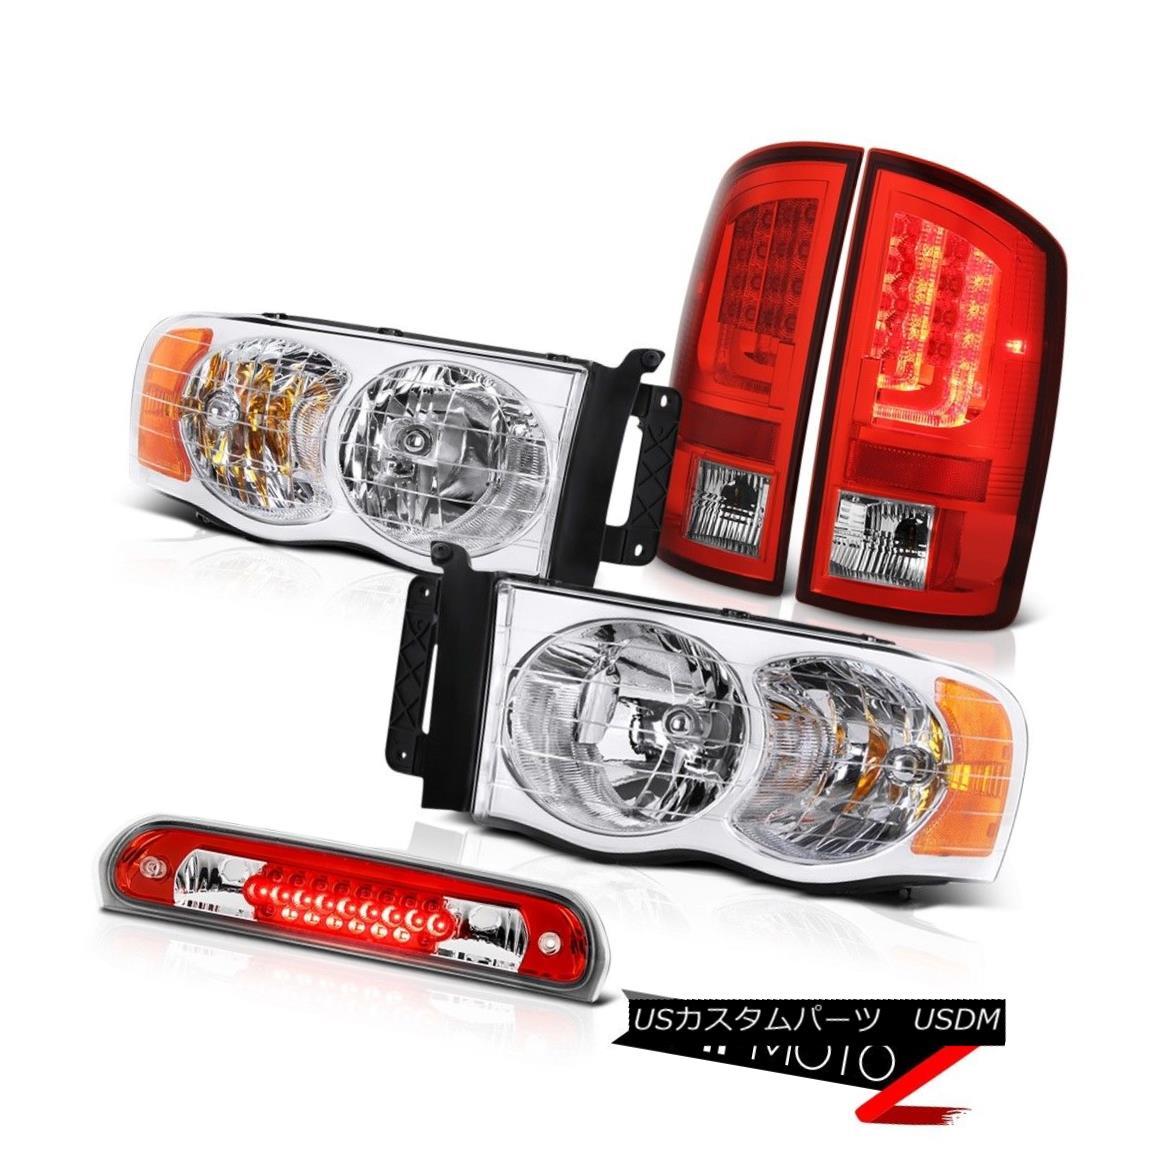 テールライト 02-05 Ram 1500 2500 3500 SLT Red Taillamps Headlamps 3RD Brake Lamp OLED Prism 02-05 Ram 1500 2500 3500 SLTレッドタイルランプヘッドランプ3RDブレーキランプOLEDプリズム